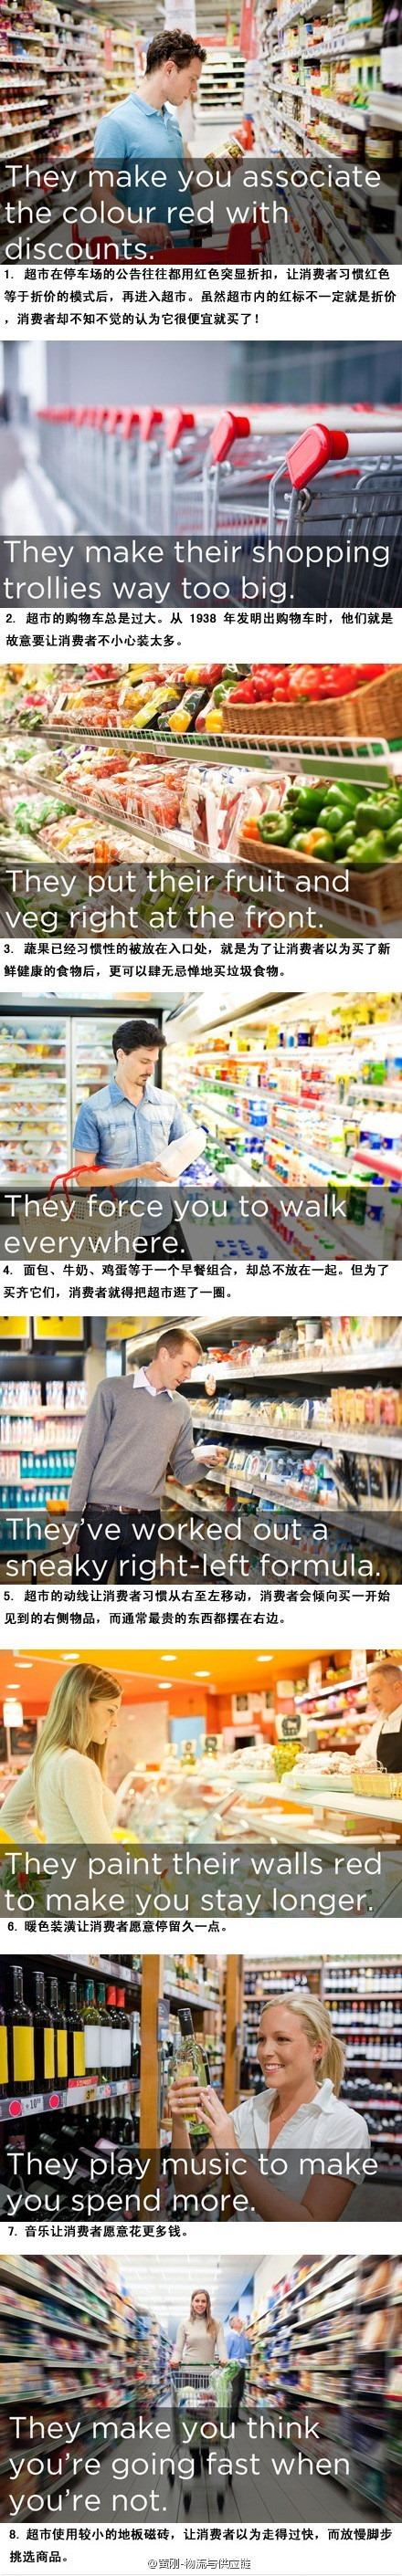 超市经营者如何控制消费者心智